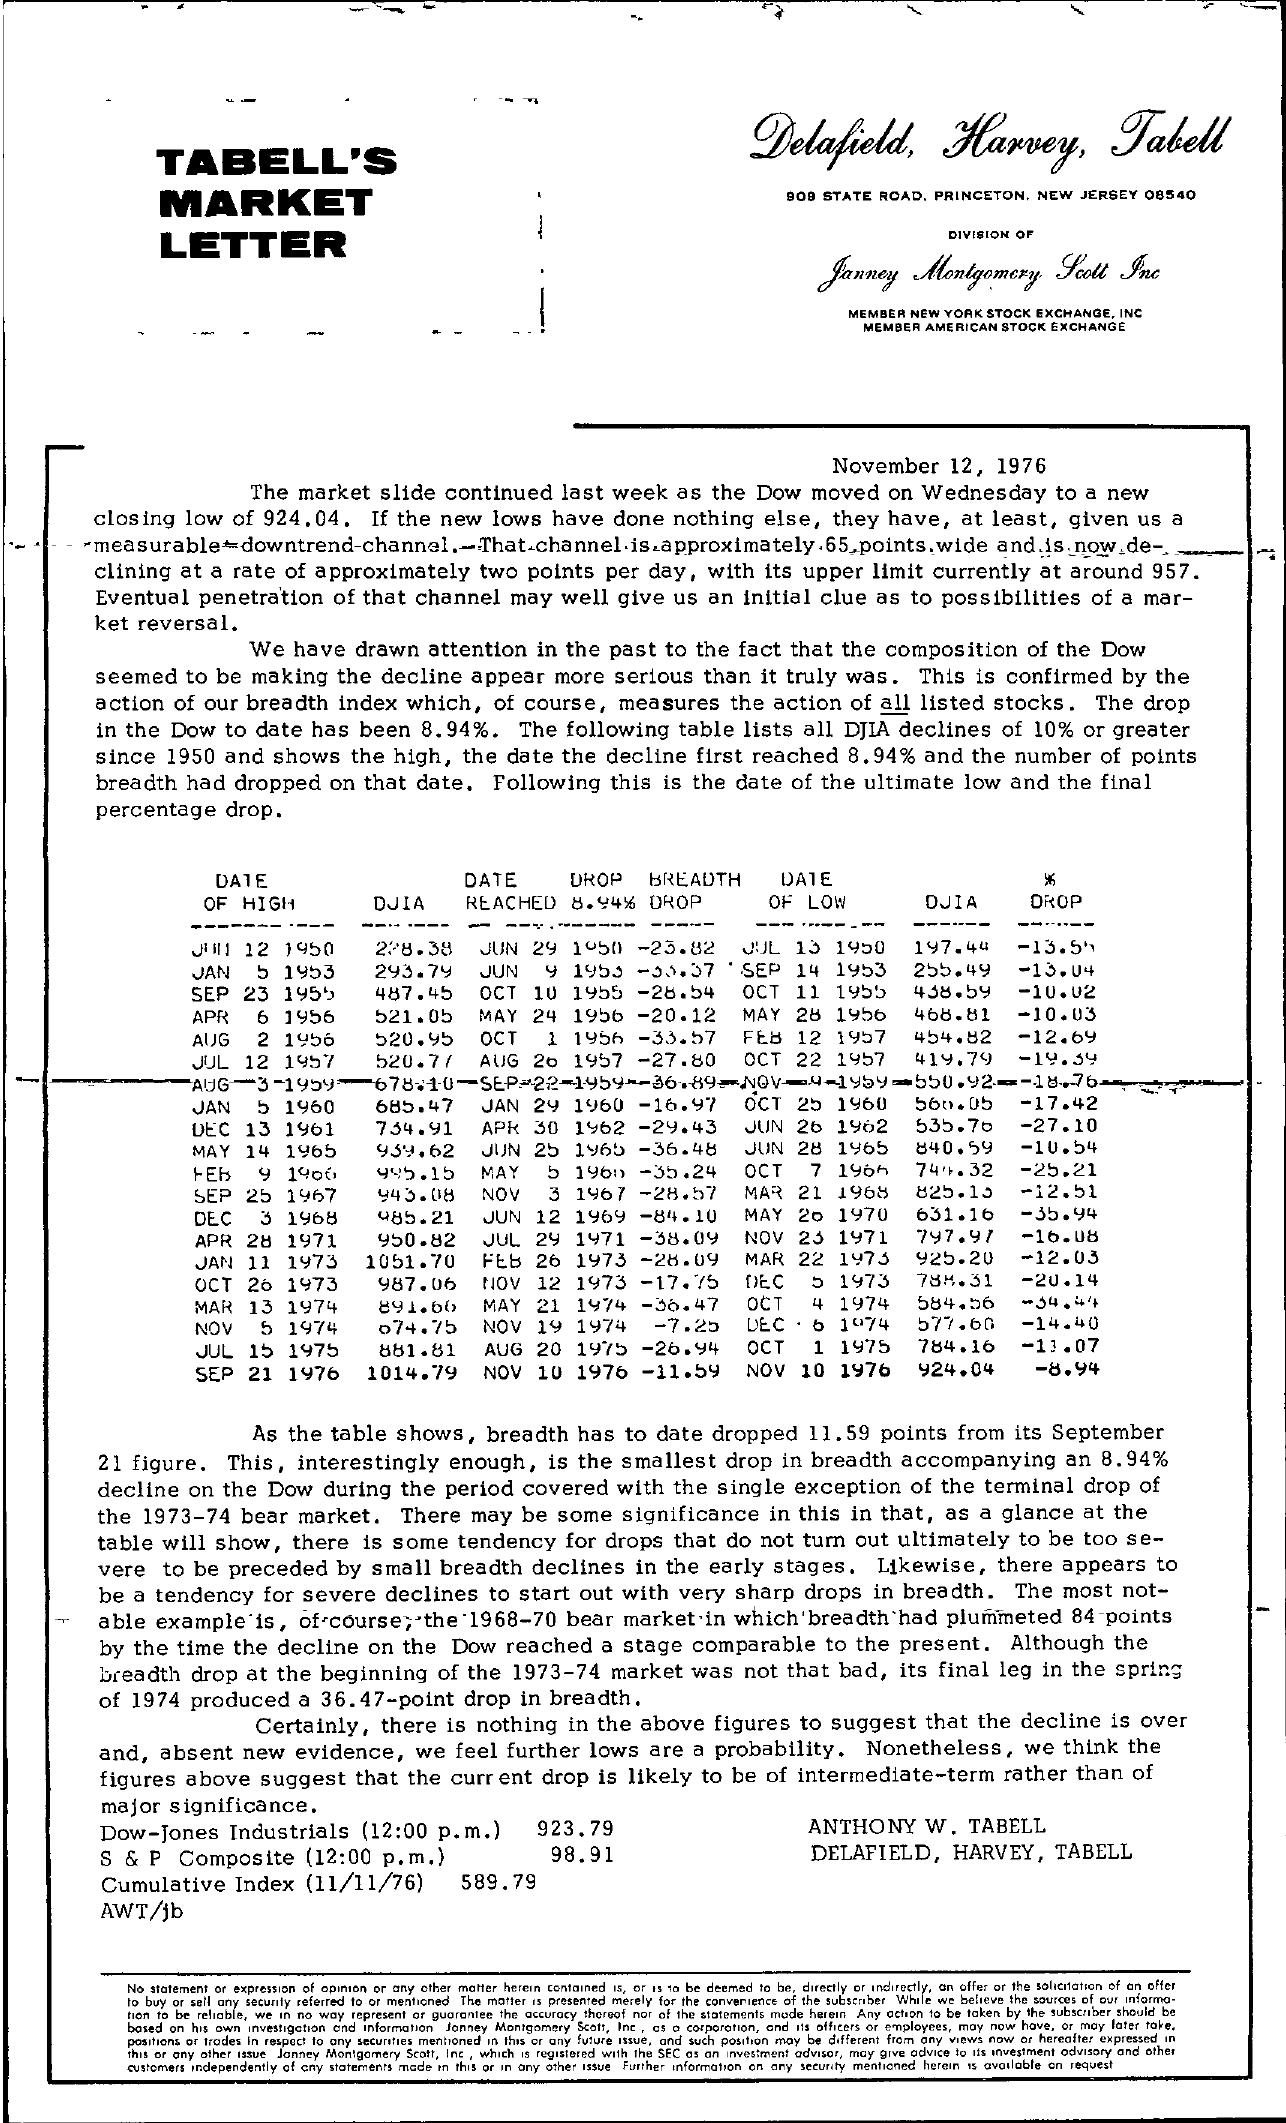 Tabell's Market Letter - November 12, 1976